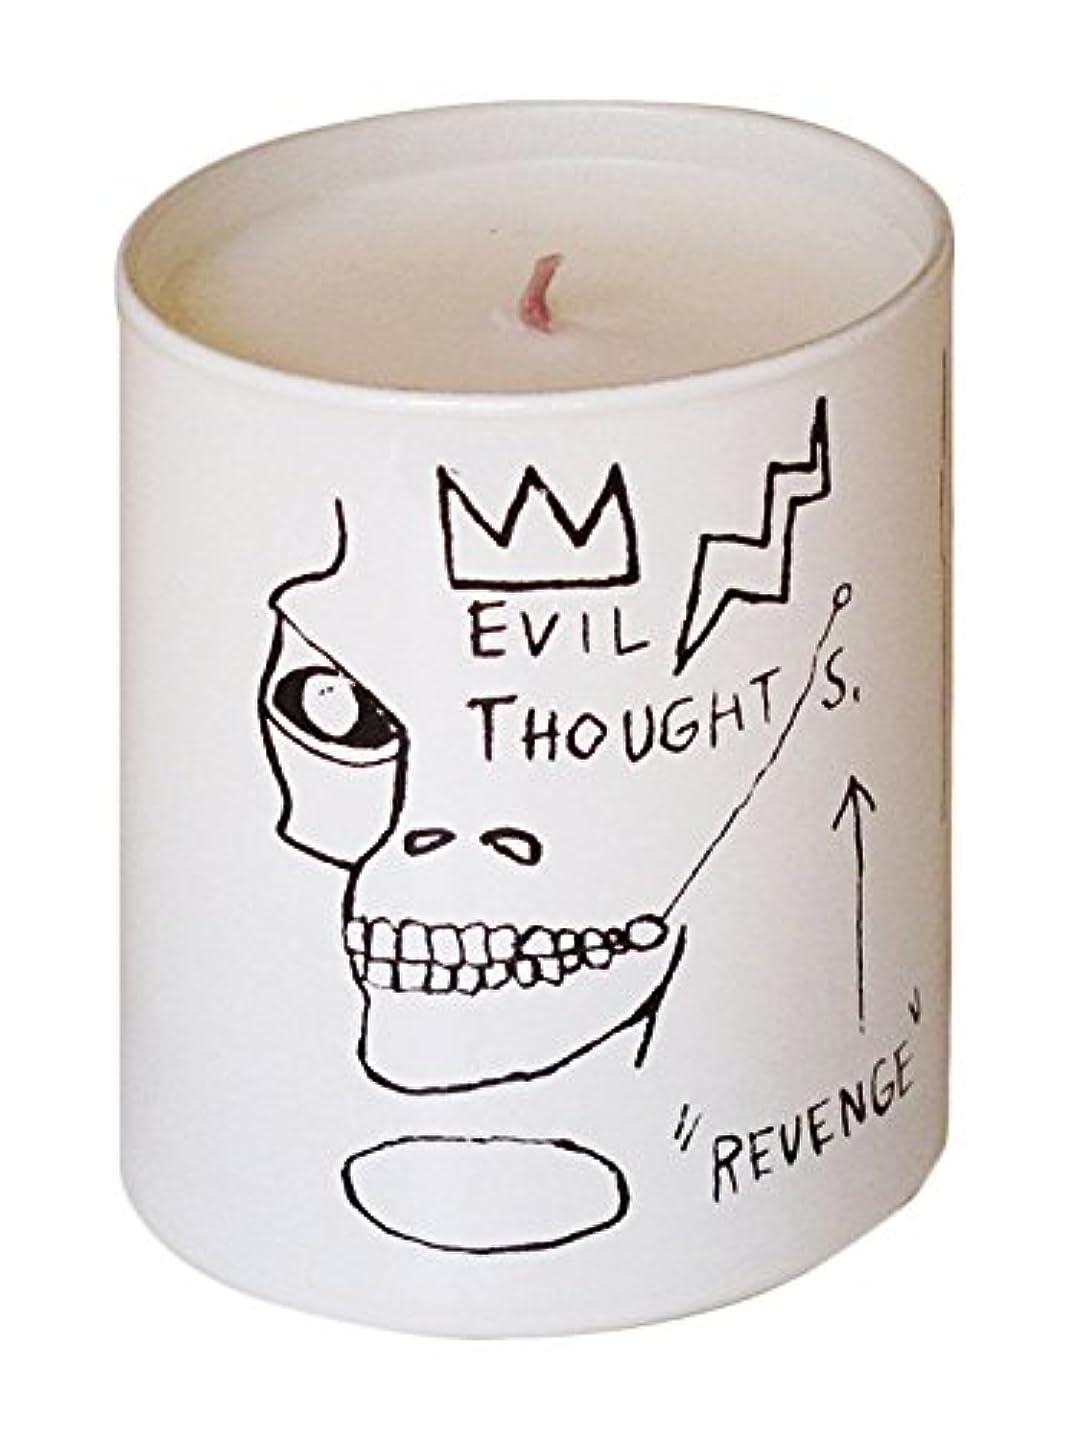 面白い顕著水星ジャン ミシェル バスキア リベンジ キャンドル(Jean-Michael Basquiat Perfumed Candle